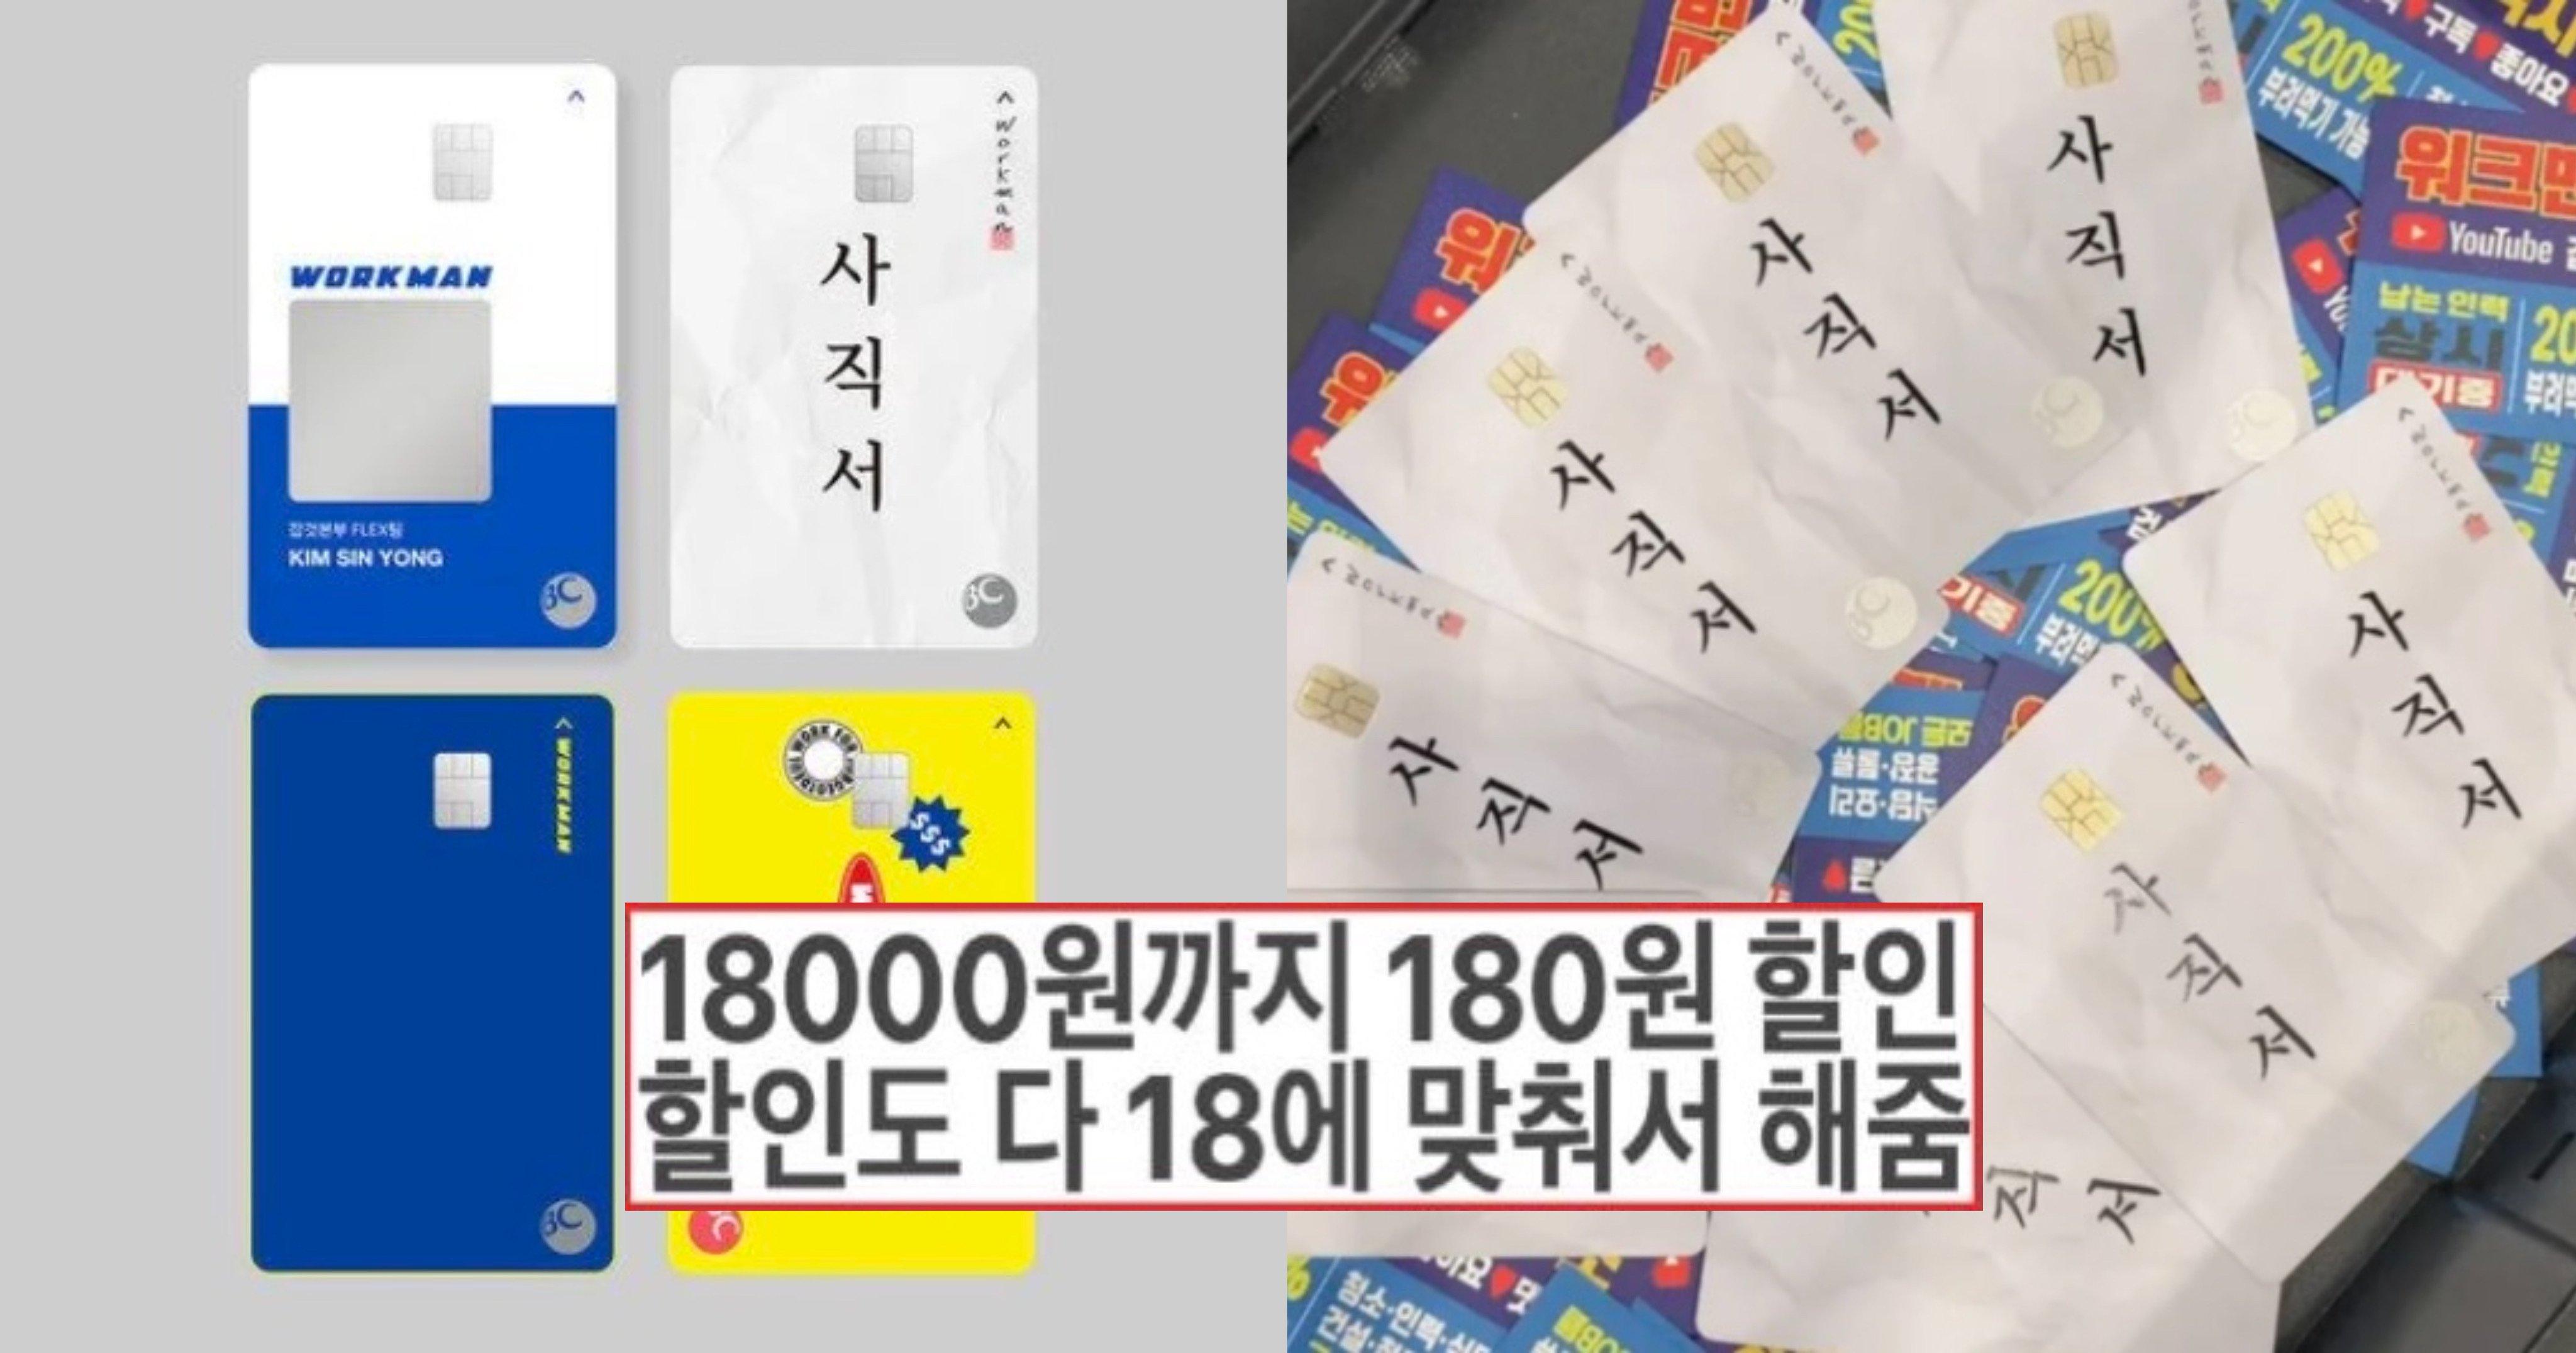 """ed0b0d7f 9026 4b68 b310 0ae144c99539.jpeg?resize=1200,630 - """"대박 당장 신청해야지ㅋㅋ"""" 급기야 '시x'비용 전용 카드를 출시한 BC 카드"""